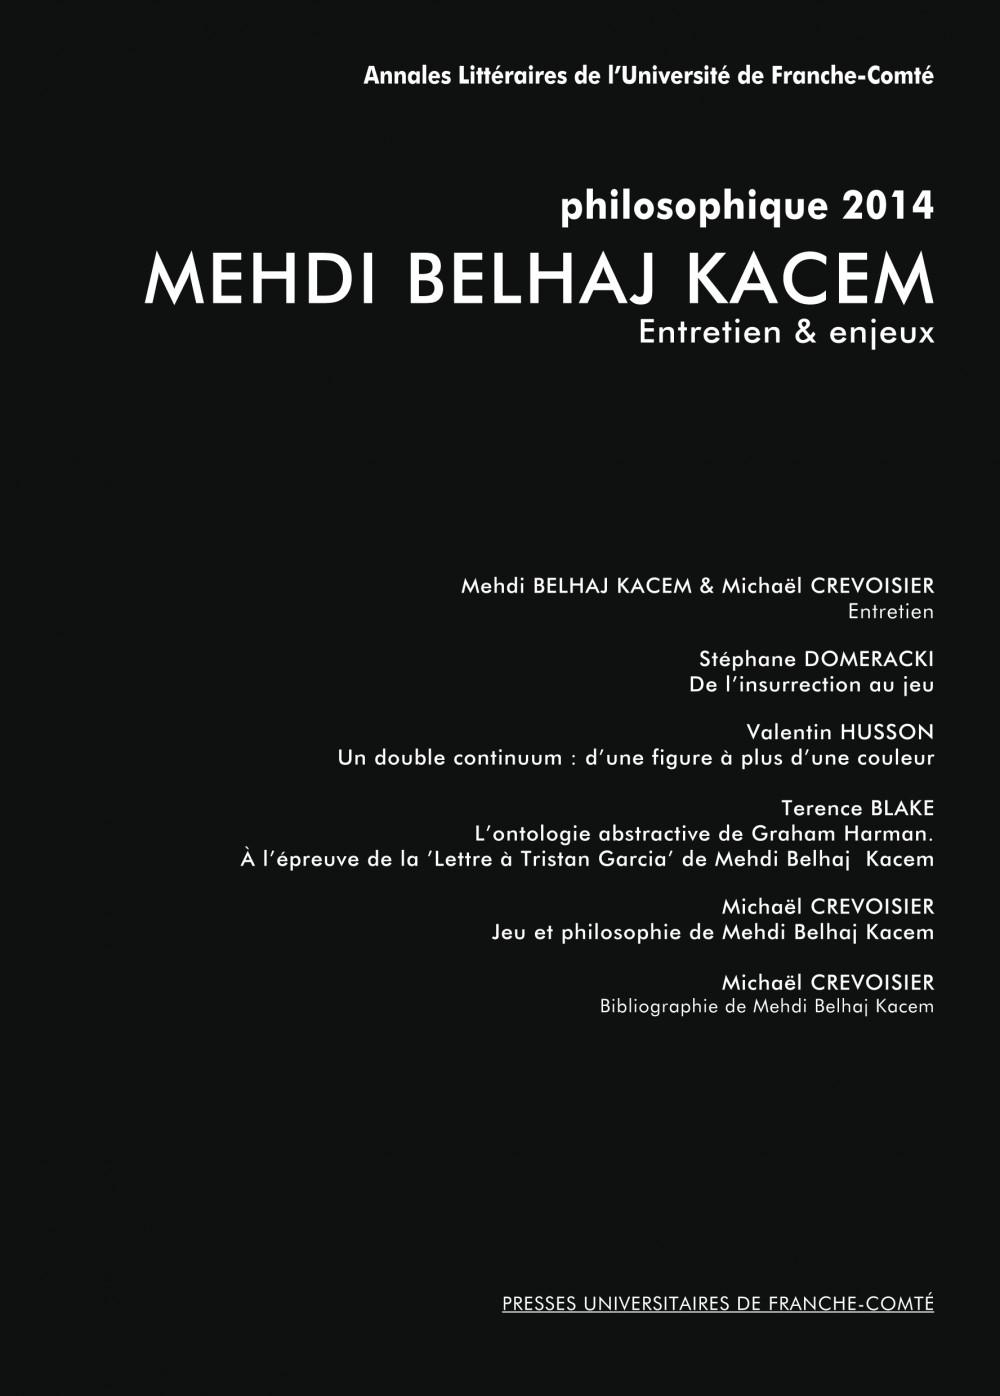 Mehdi Belhaj Kacem